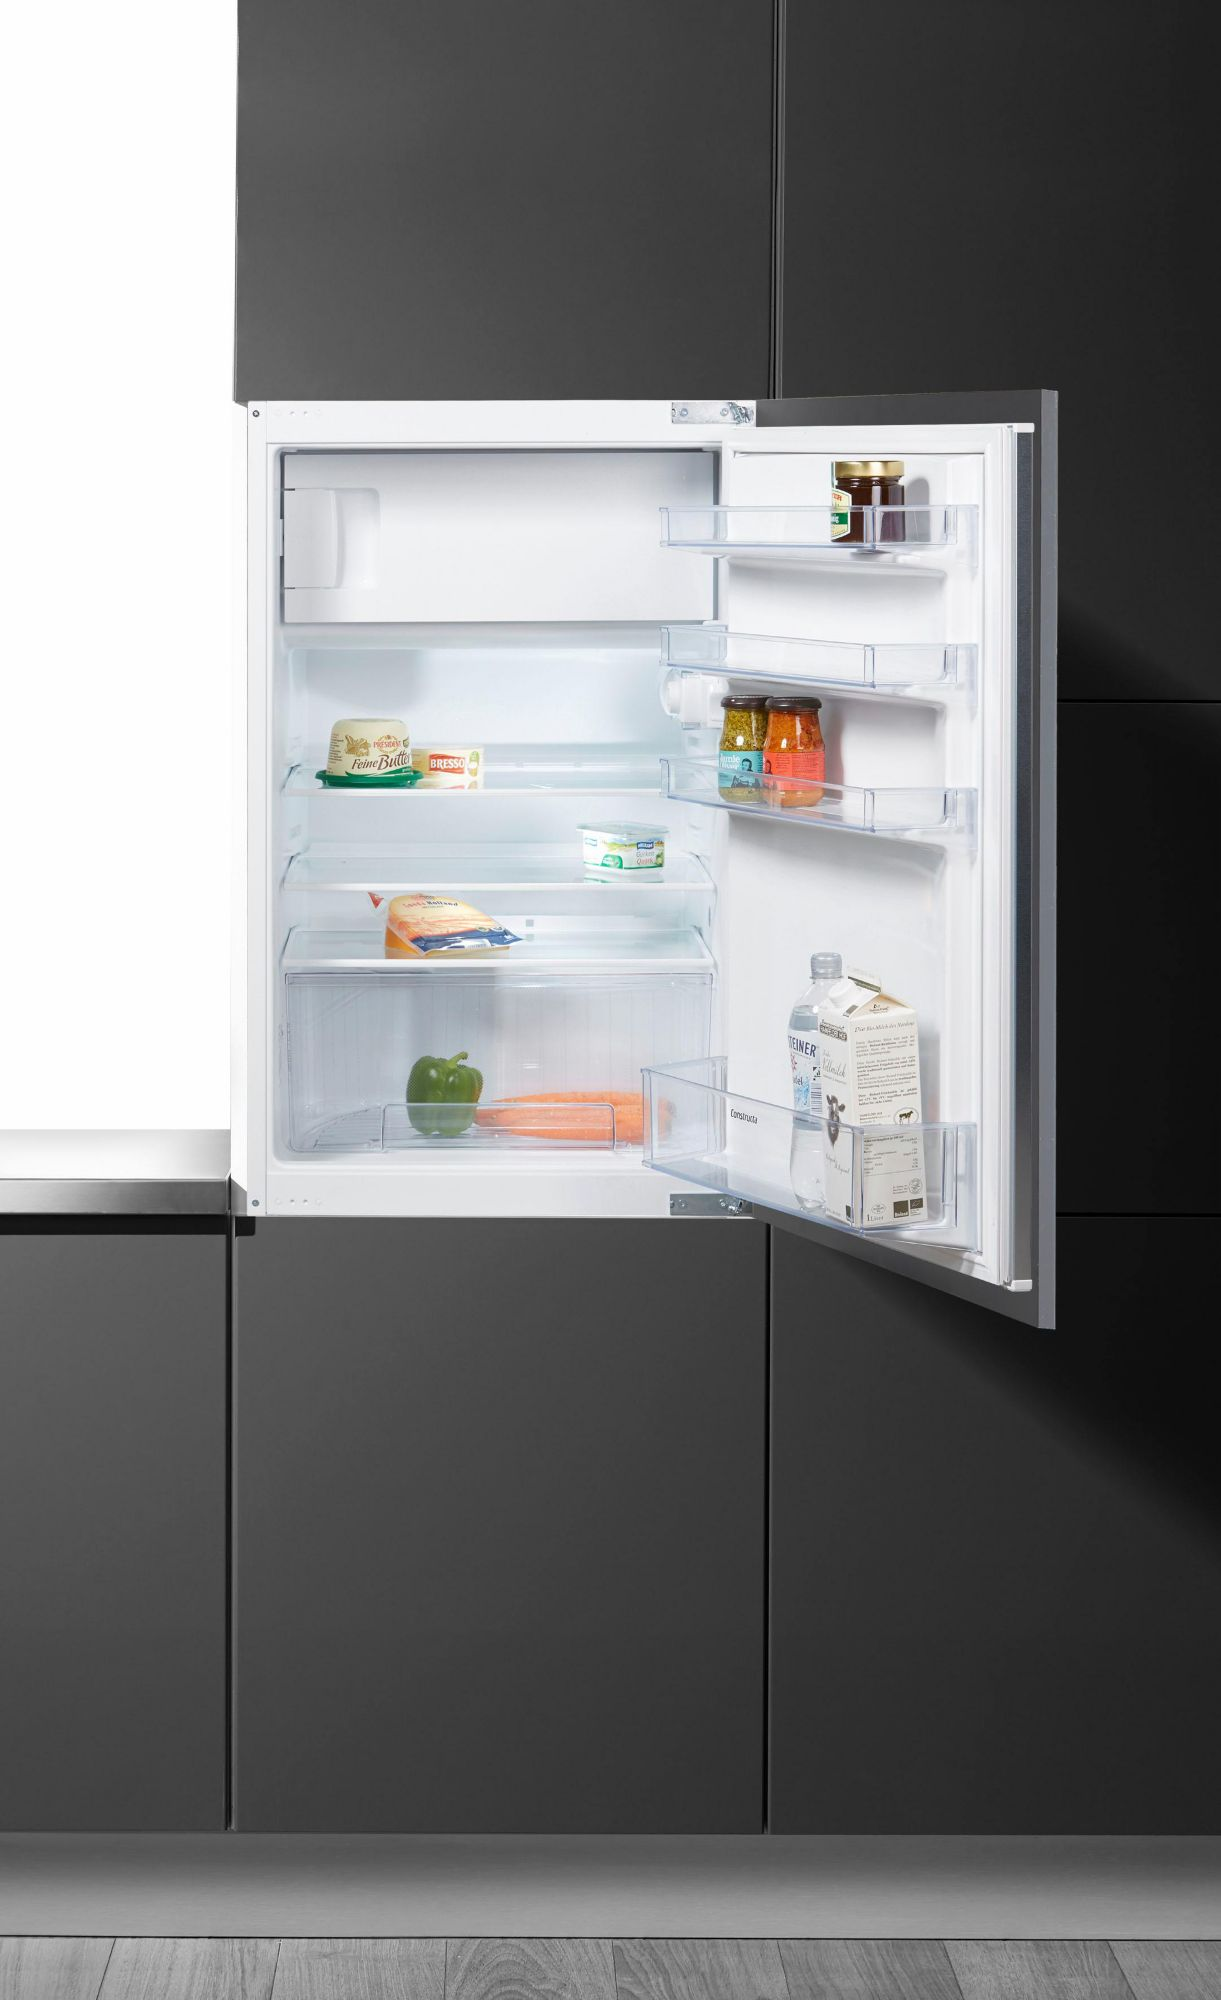 CONSTRUCTA Constructa Einbaukühlschrank CK64230, A++, 88 cm hoch